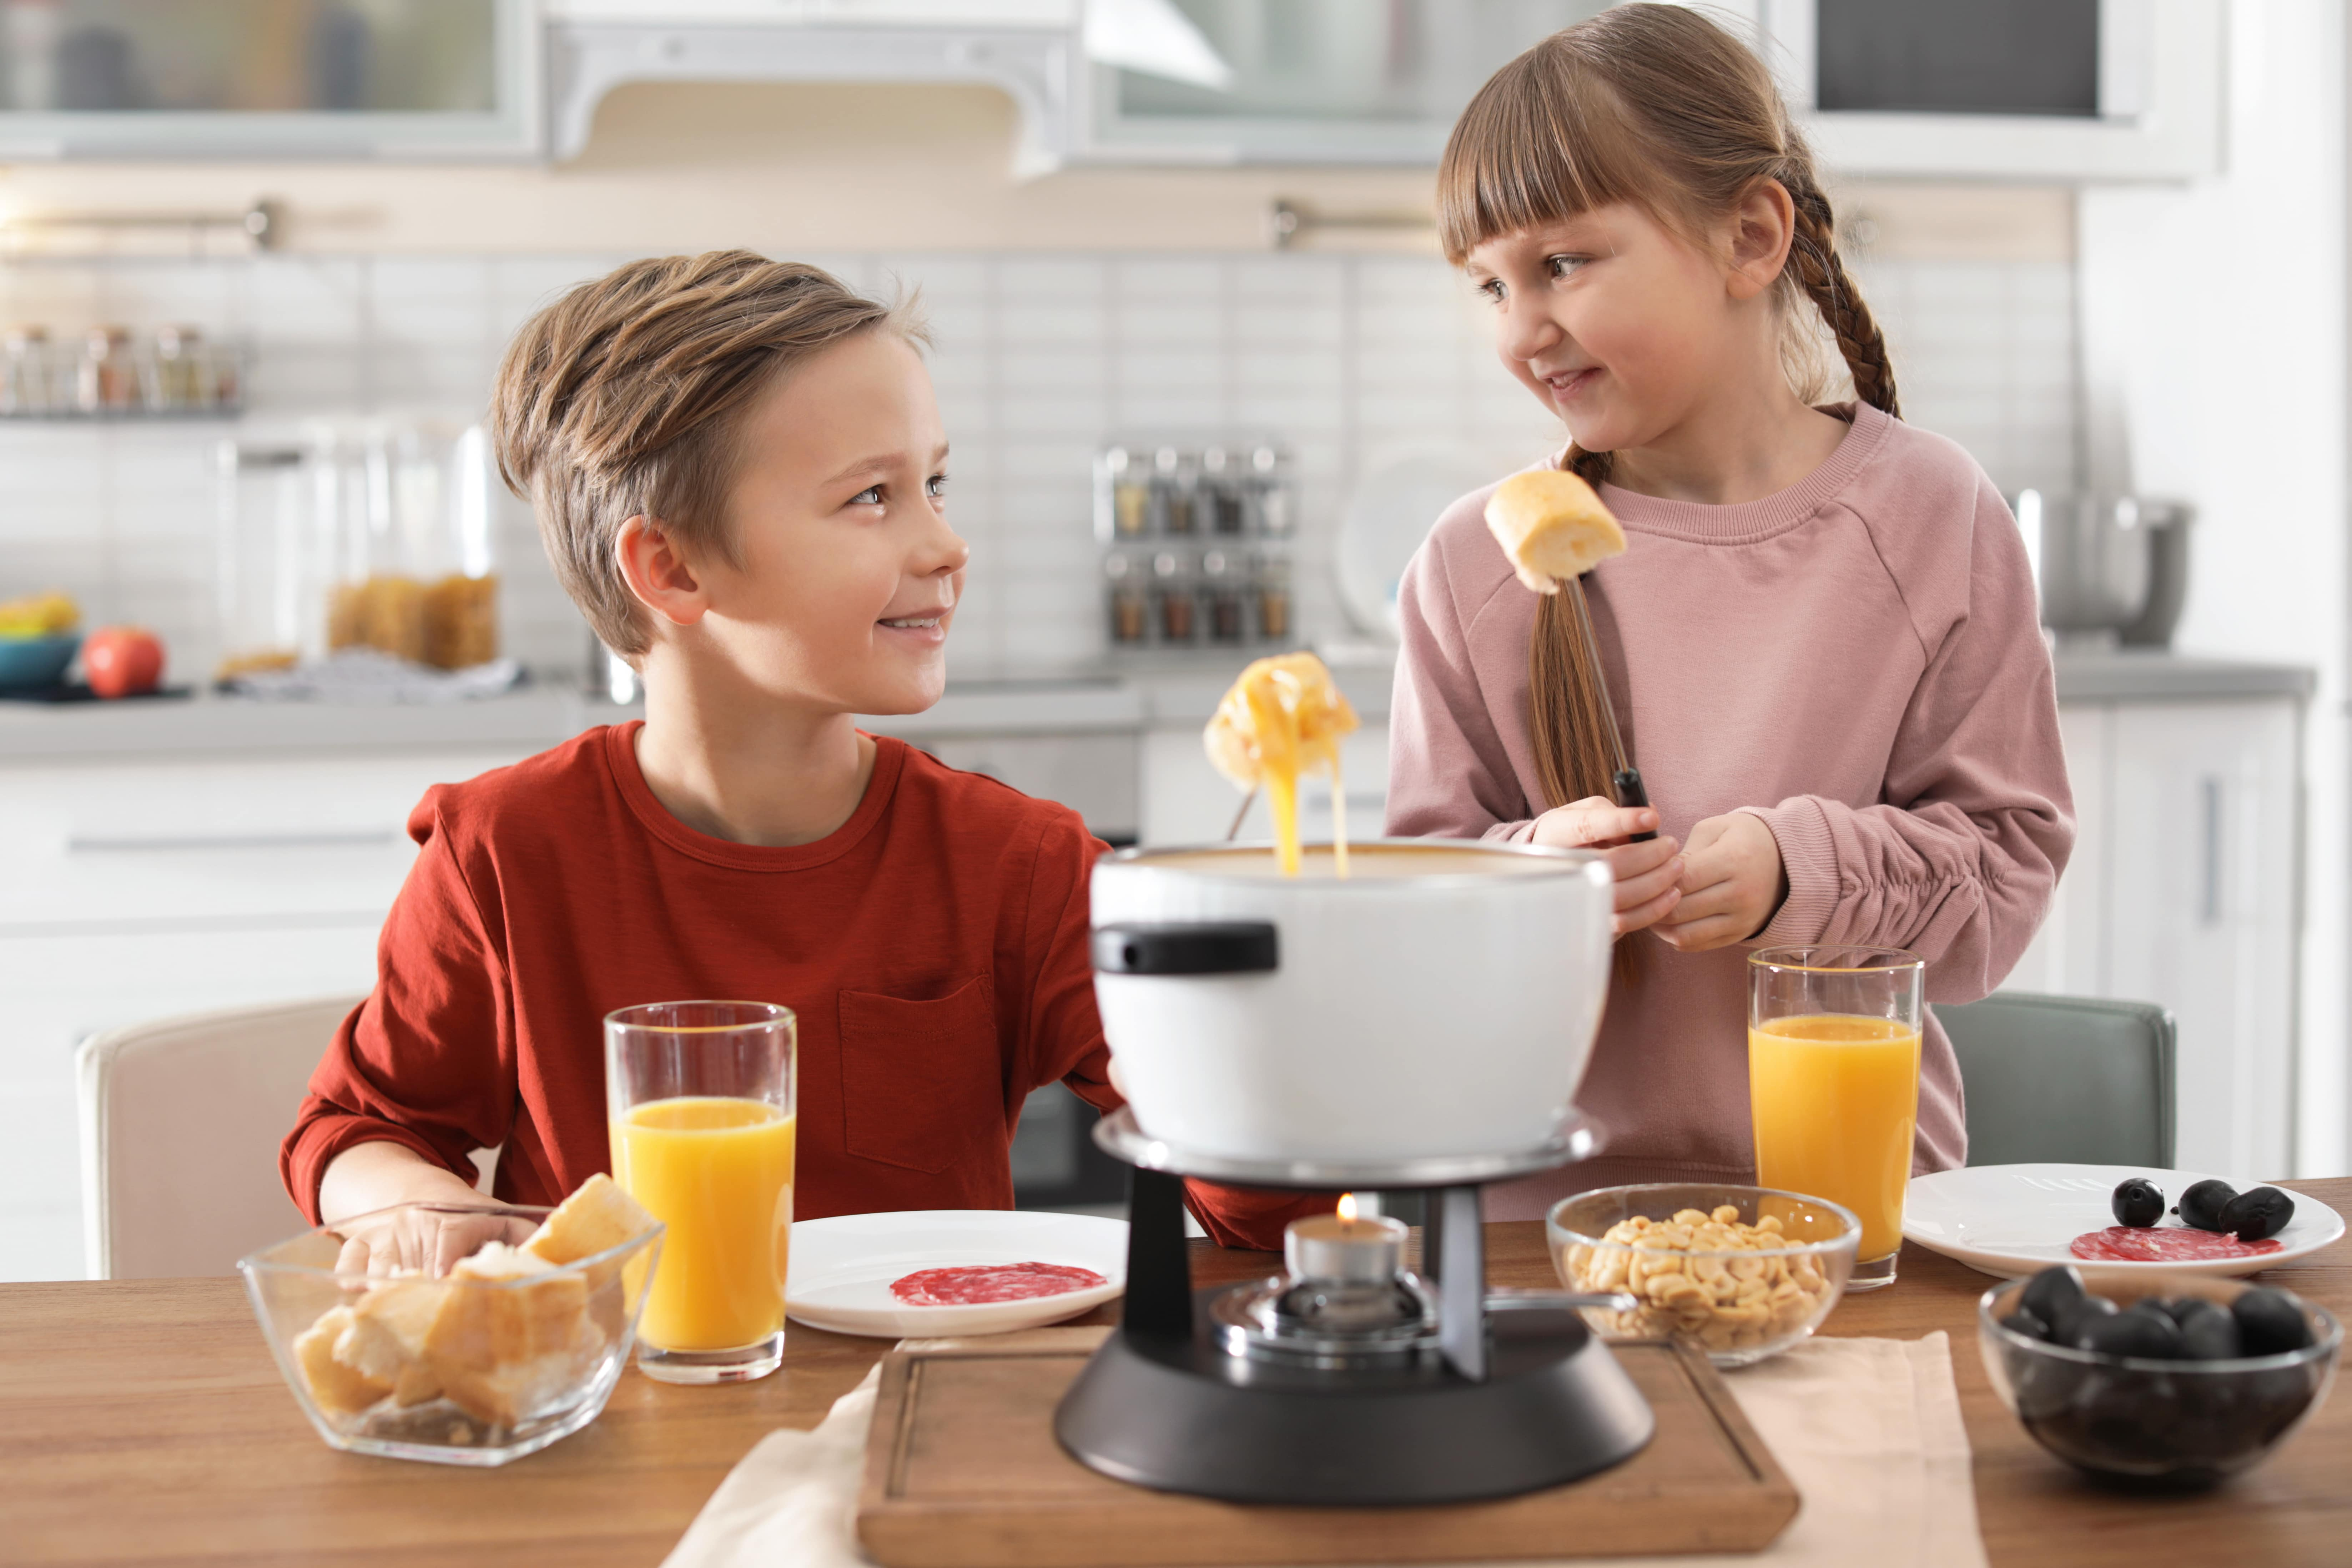 Діти за поїданням сирного фондю, яке готується без вина